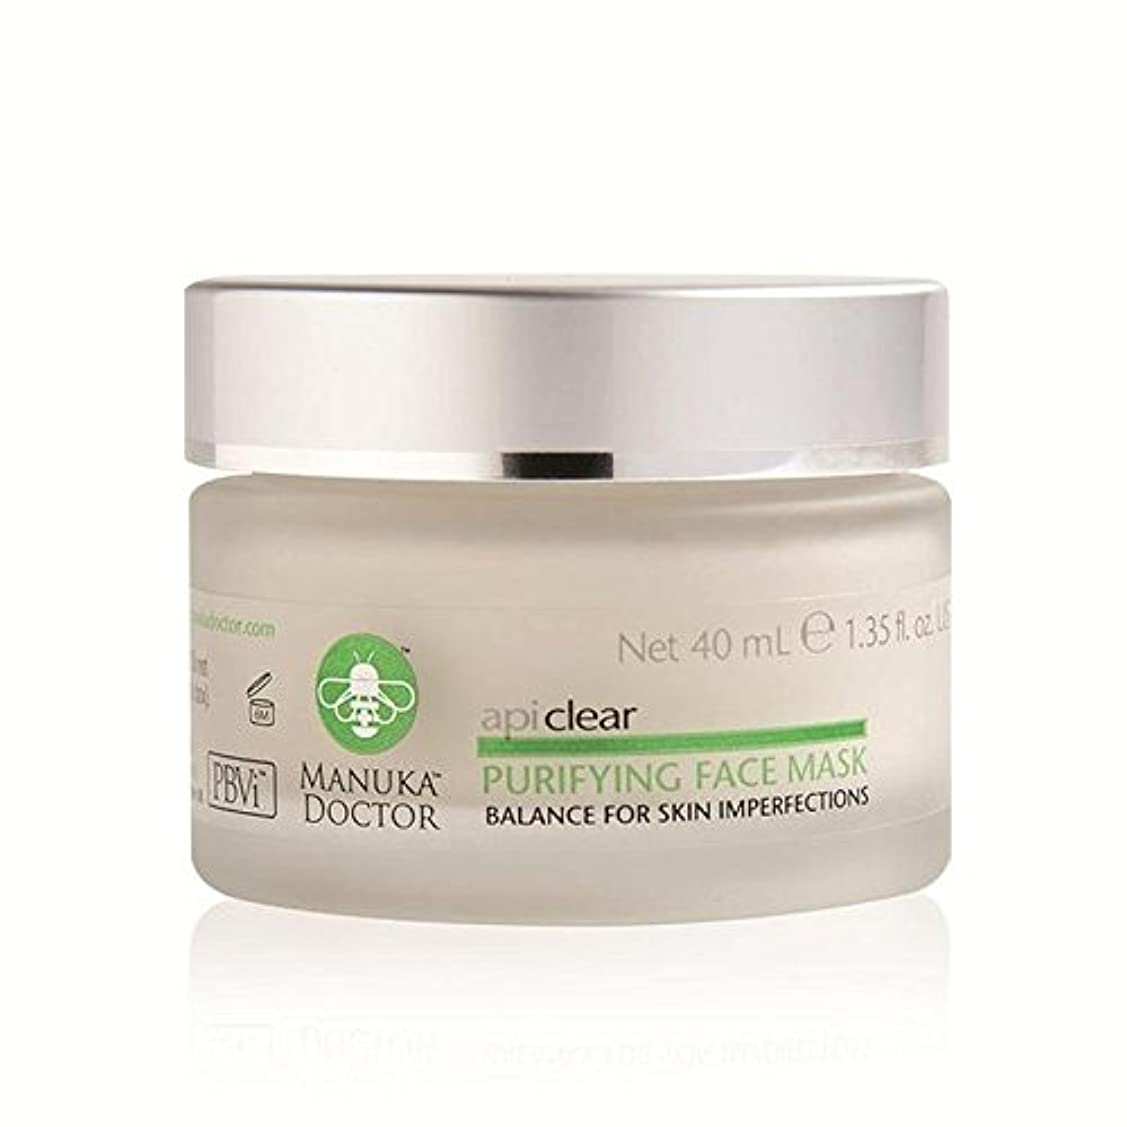 ジェーンオースティン横向き毛布Manuka Doctor Api Clear Purifying Face Mask 40ml - マヌカドクター明確な浄化フェイスマスク40ミリリットル [並行輸入品]